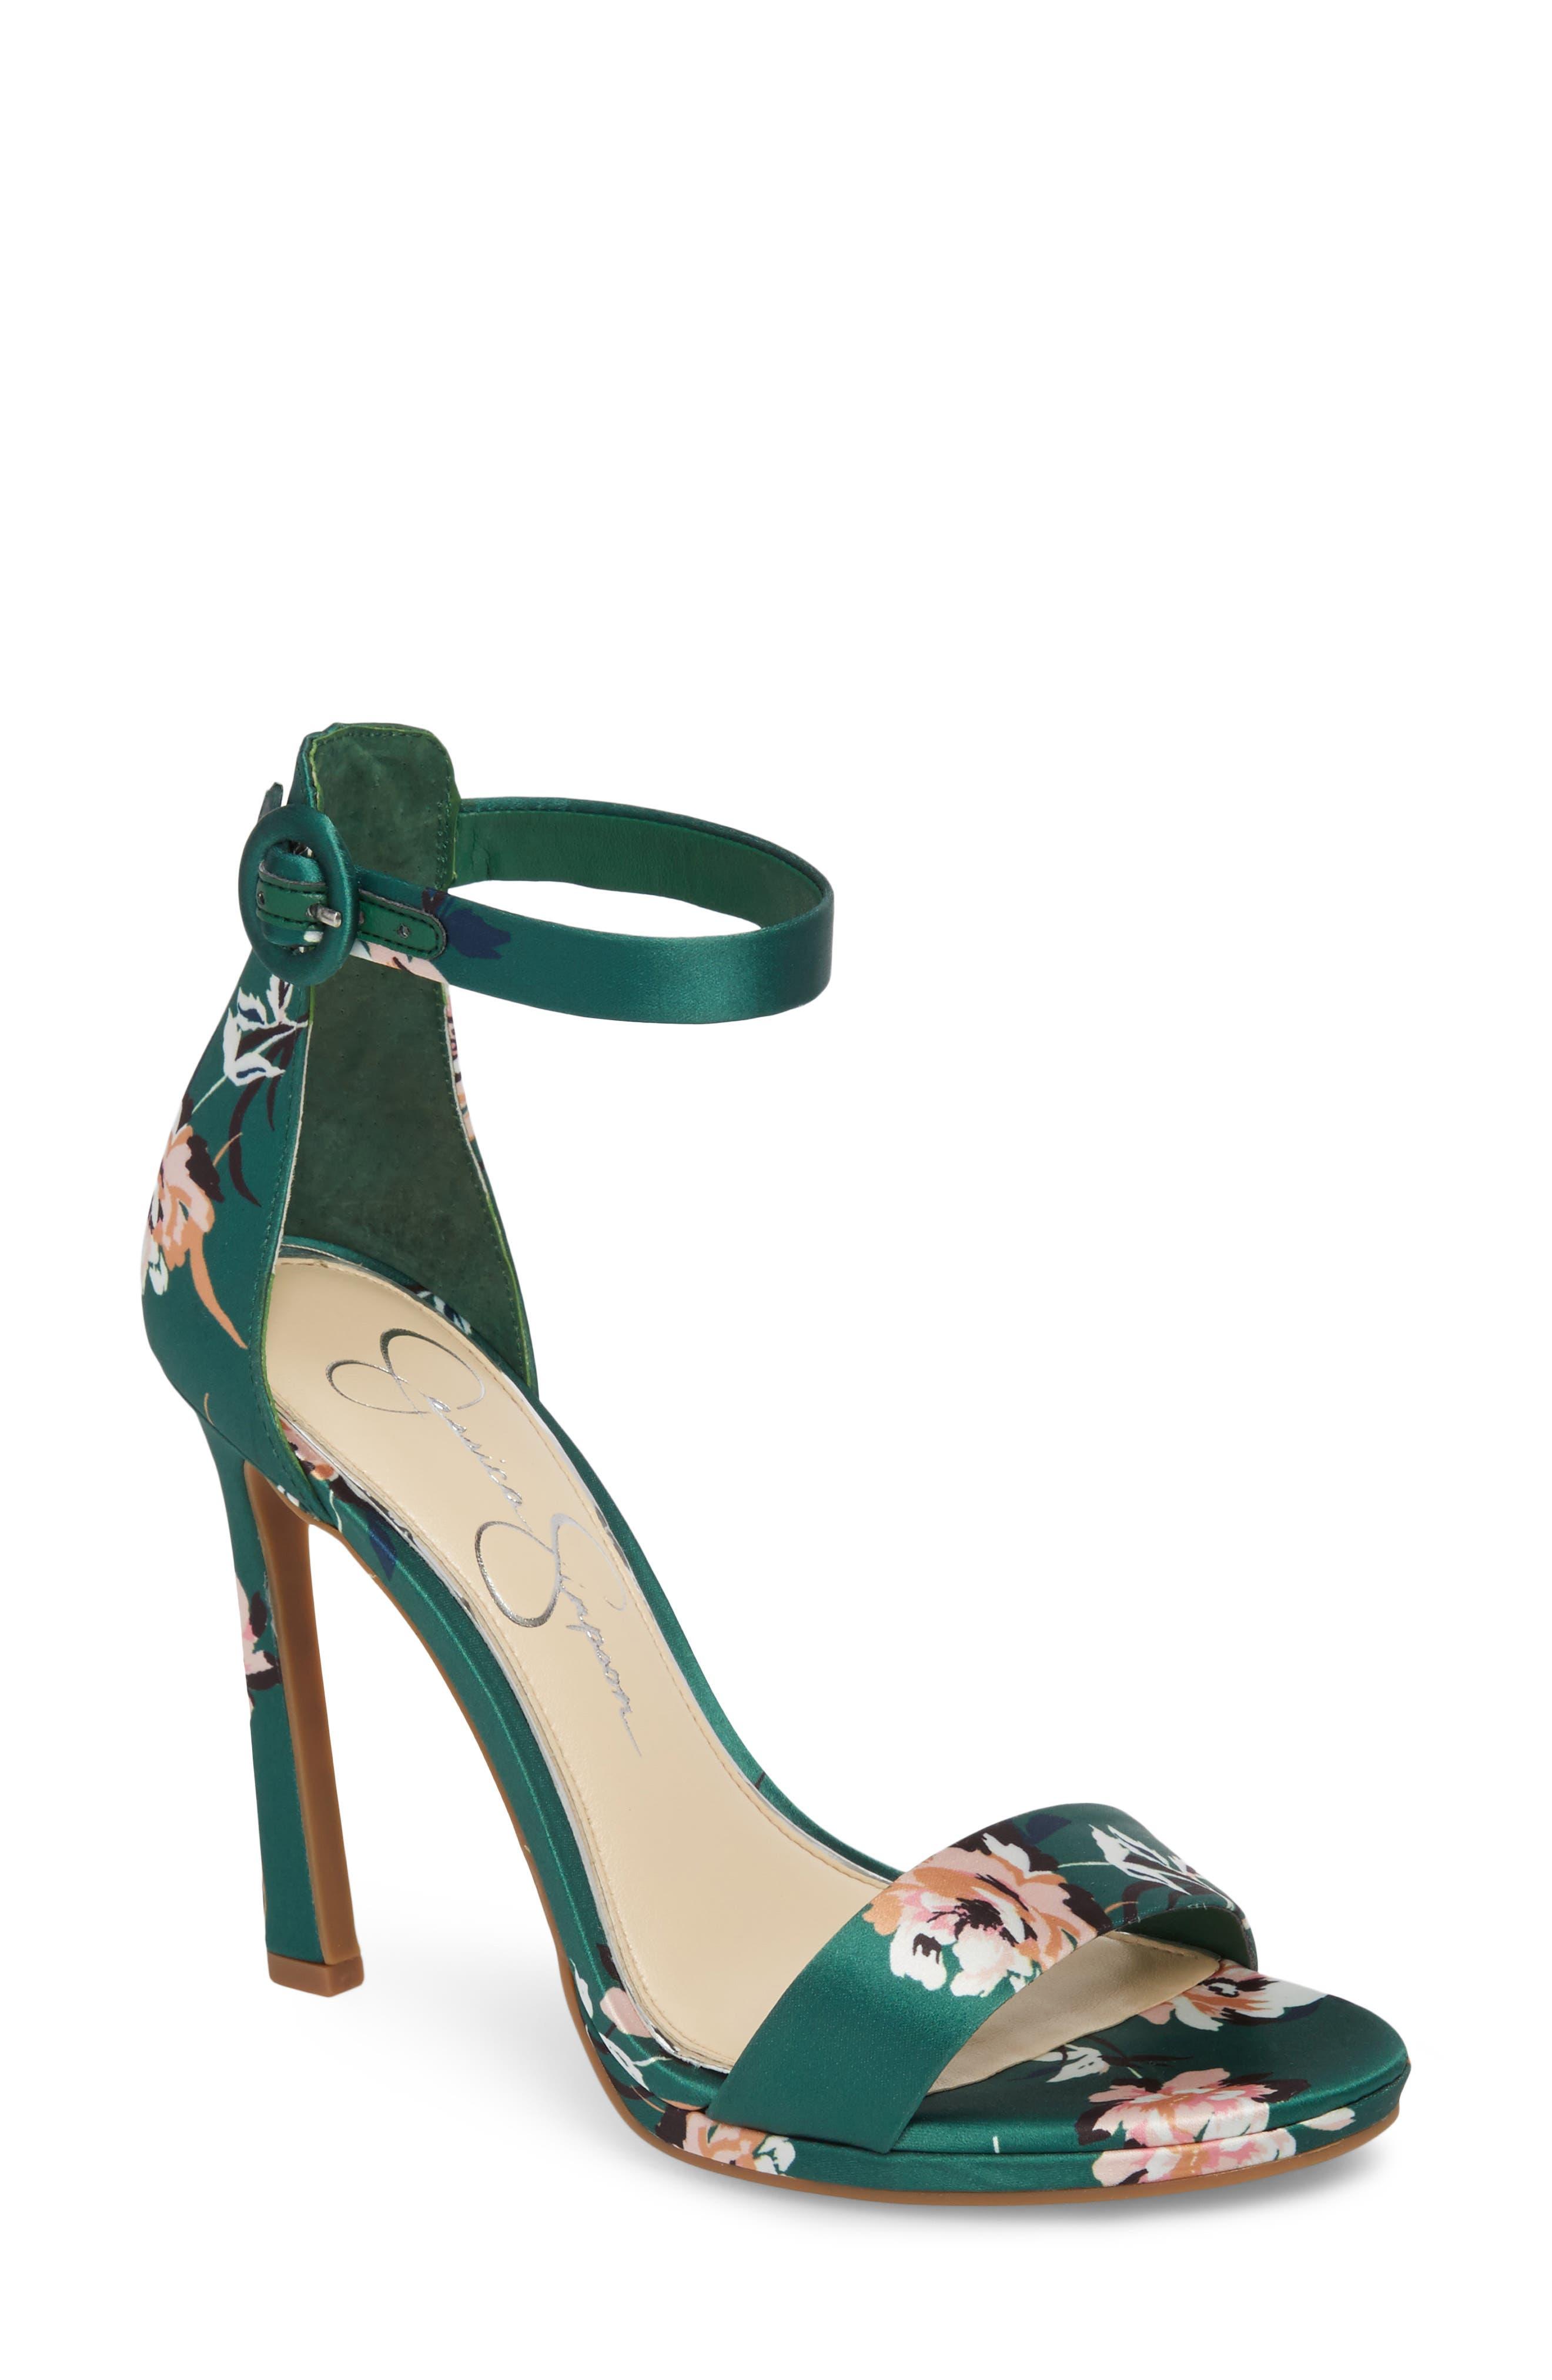 Plemy Sandal,                         Main,                         color, Emerald